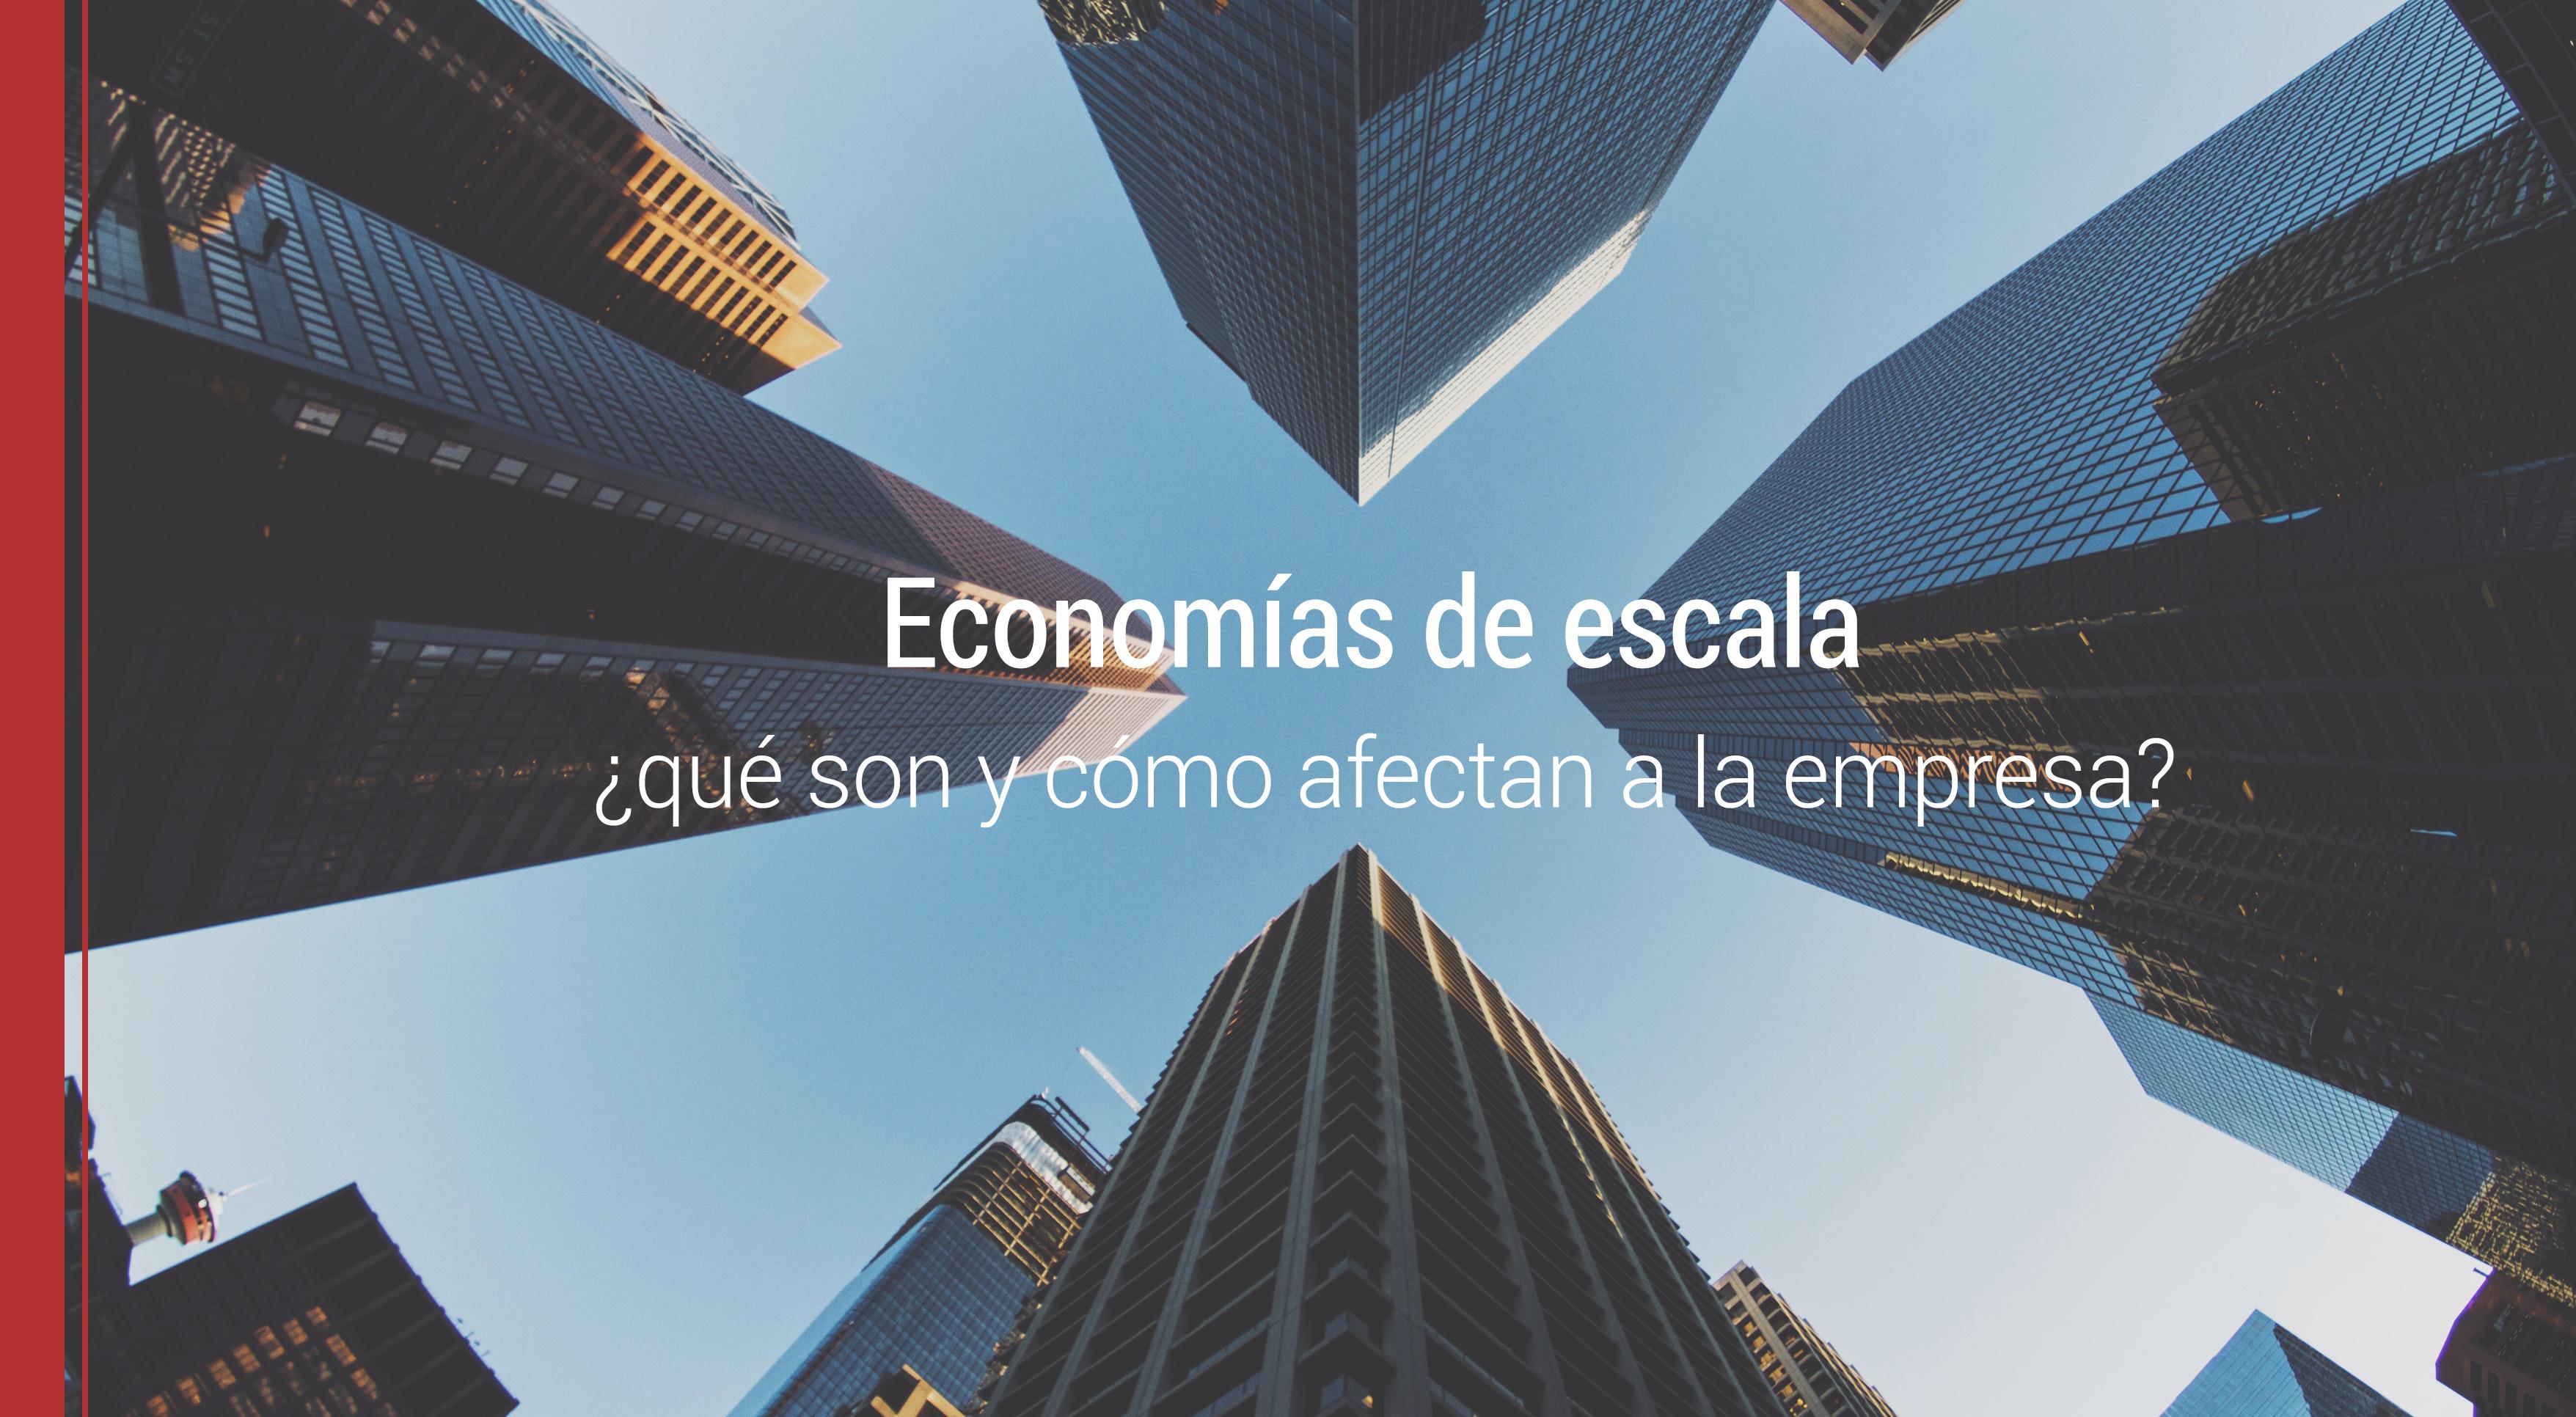 economias-de-escala-empresa Economías de escala, ¿qué son y cómo afectan a la empresa?